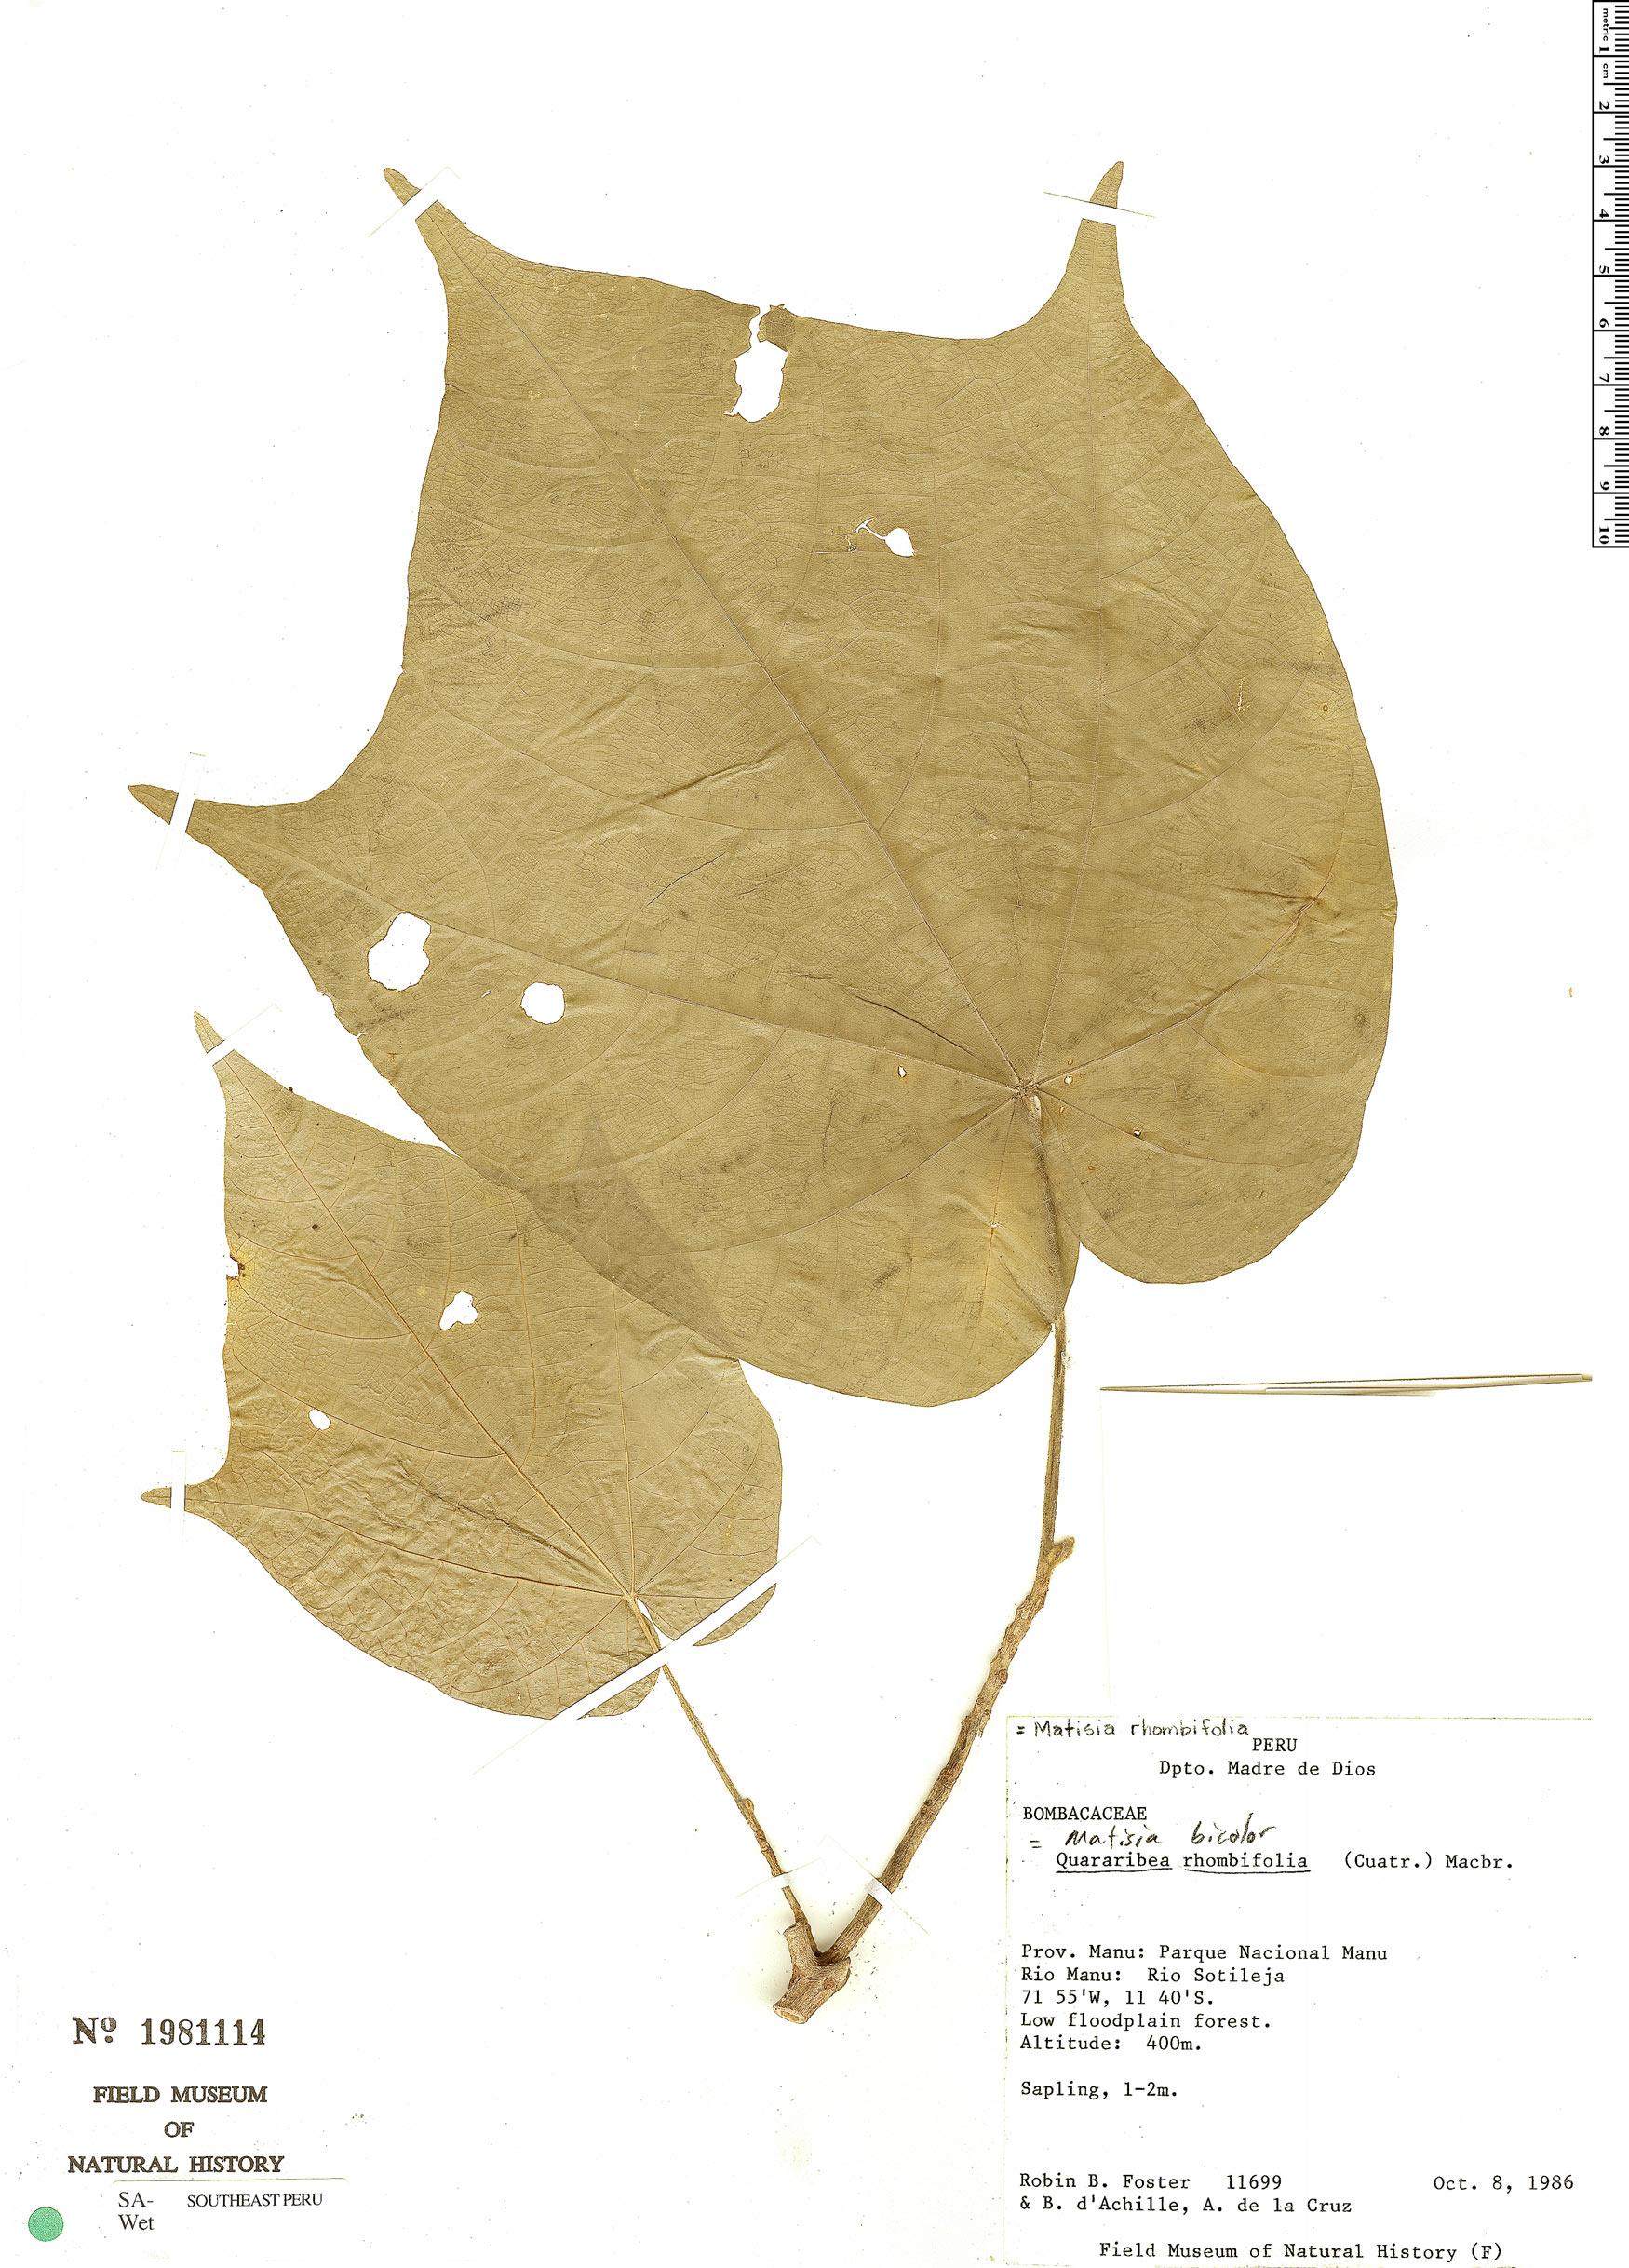 Specimen: Matisia bicolor